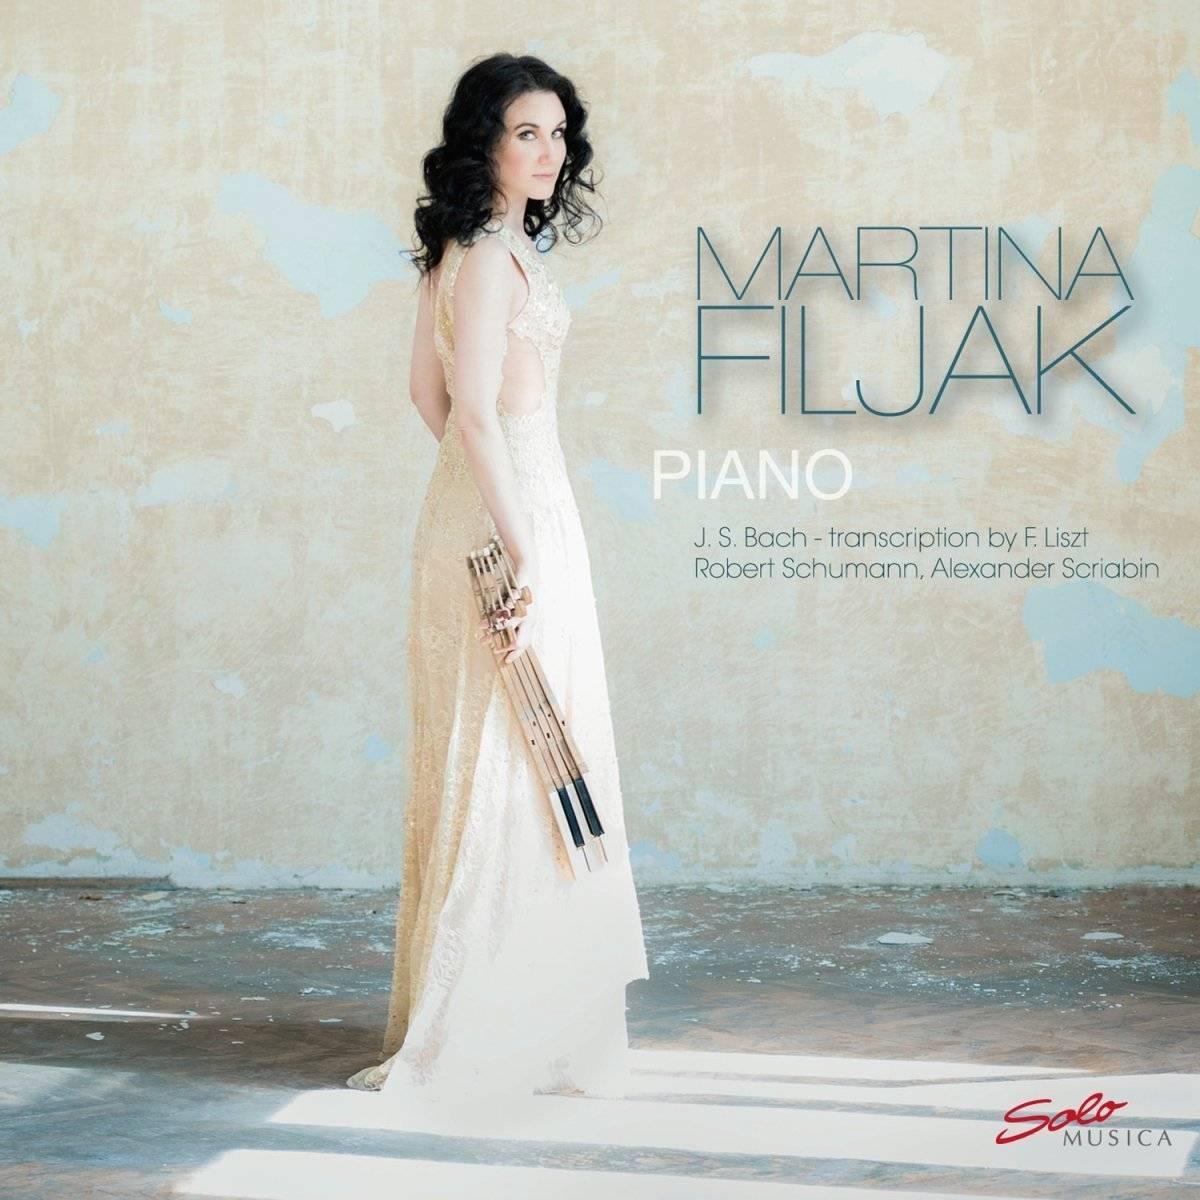 Martina Filjak - Bach, Schumann & Scriabin: Piano Works (2017)